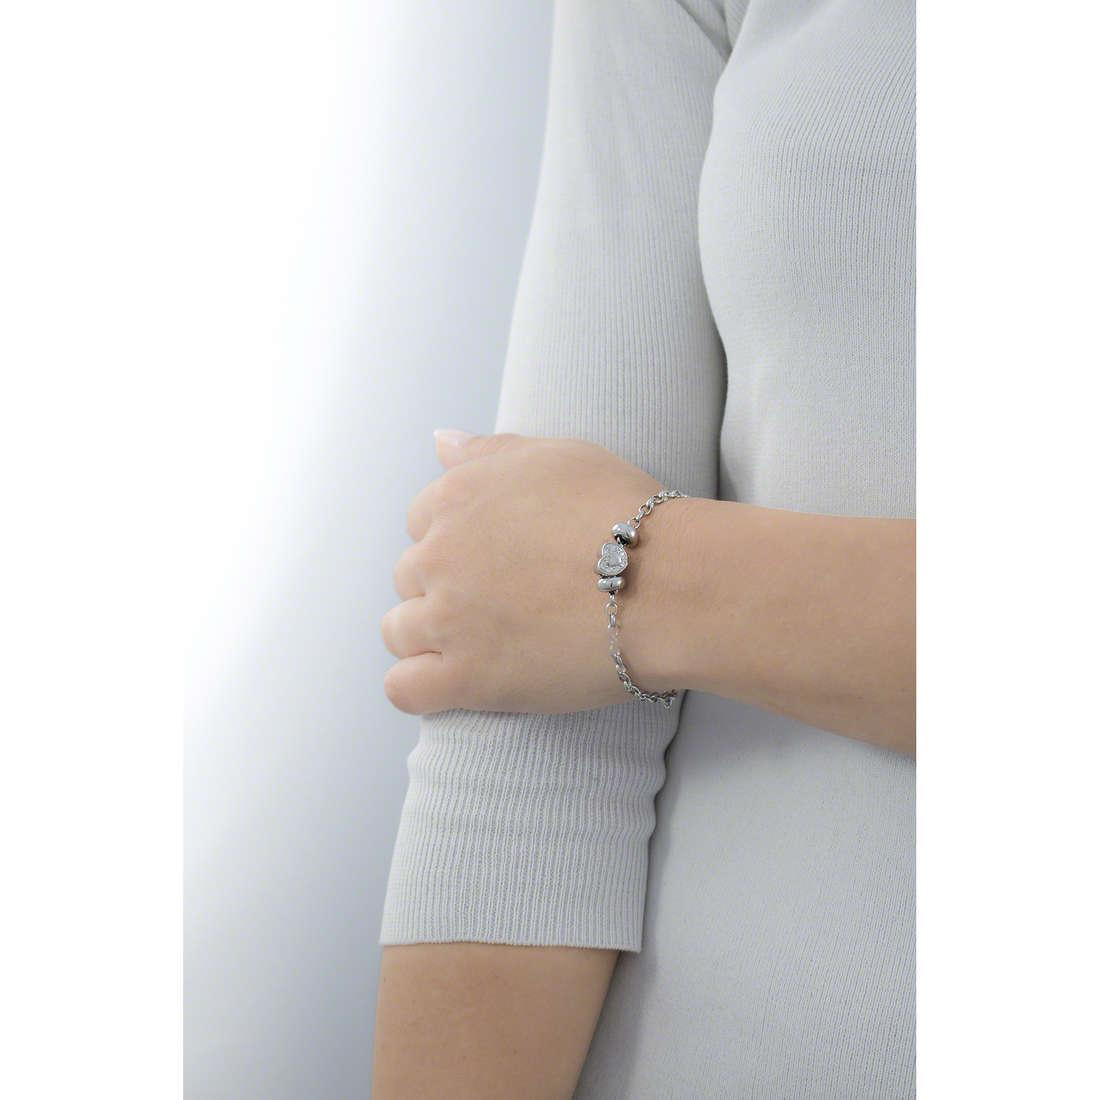 Morellato bracciali Drops donna SCZ169 indosso